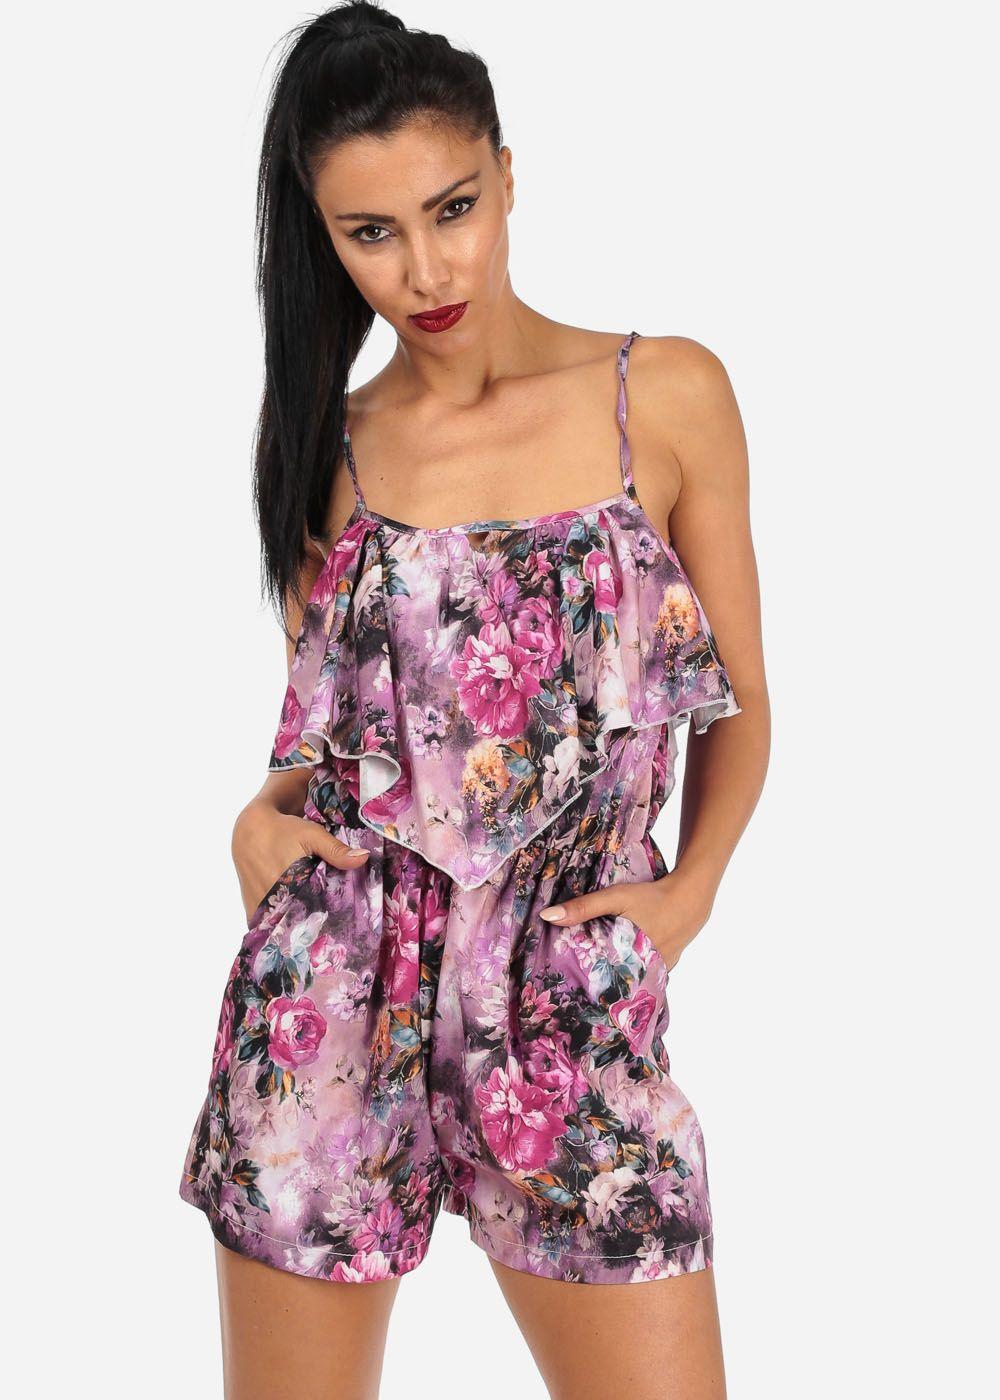 #floral #romper #fashion #modaxpress